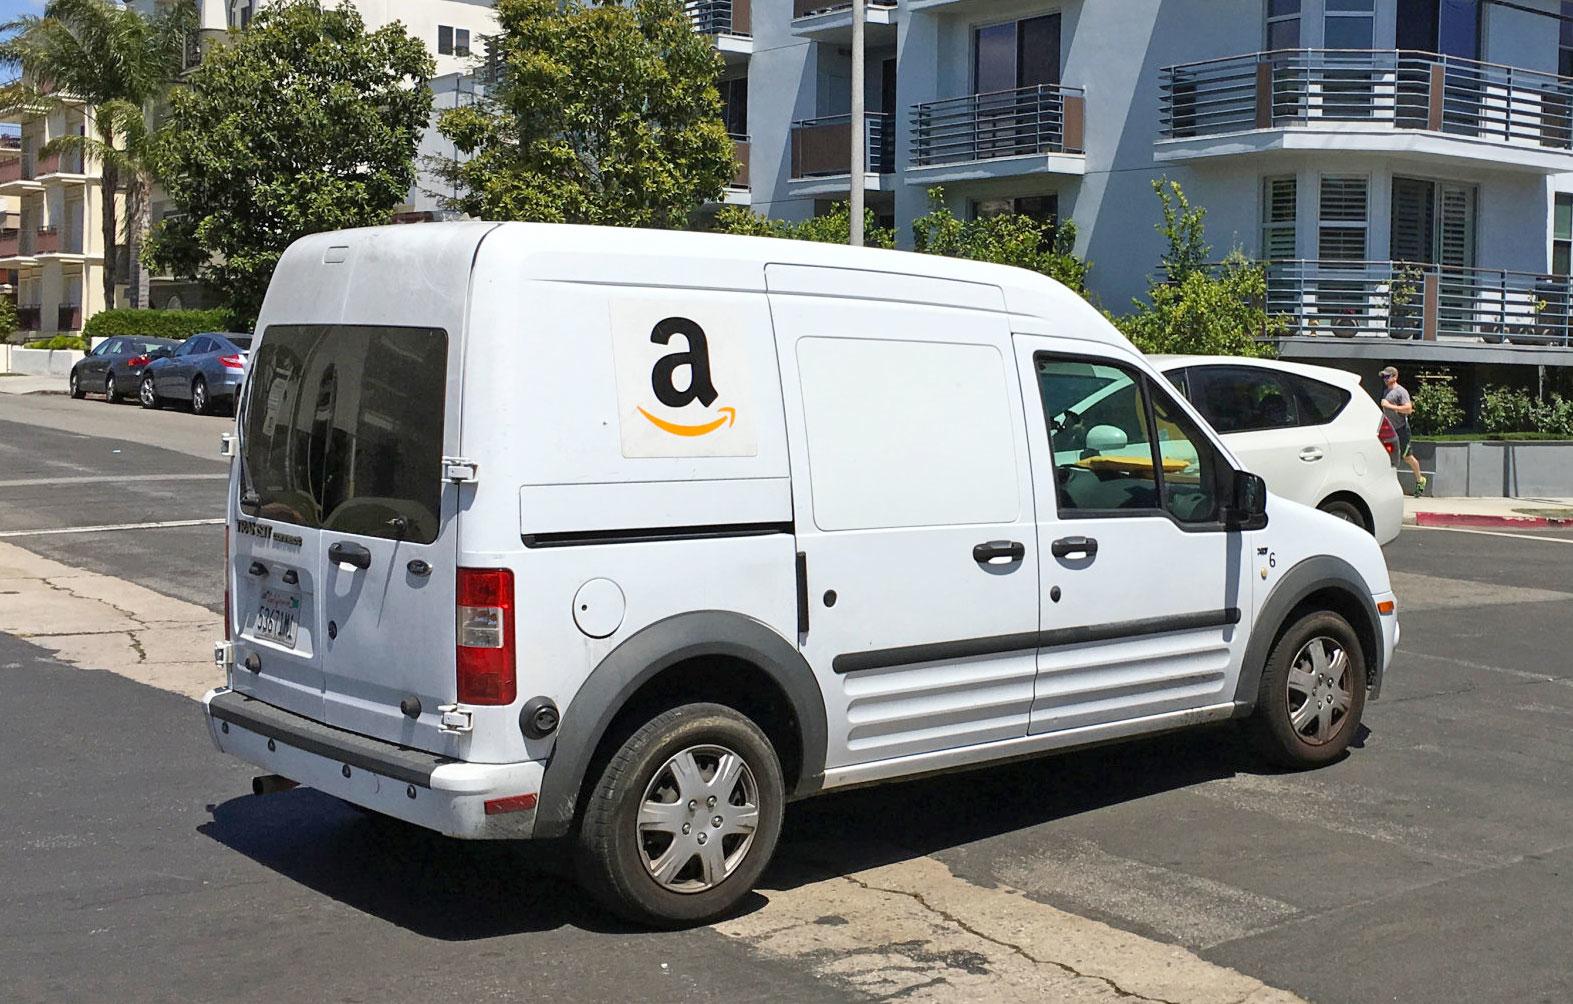 Bericht: Amazon will noch mehr Pakete selbst ausliefern